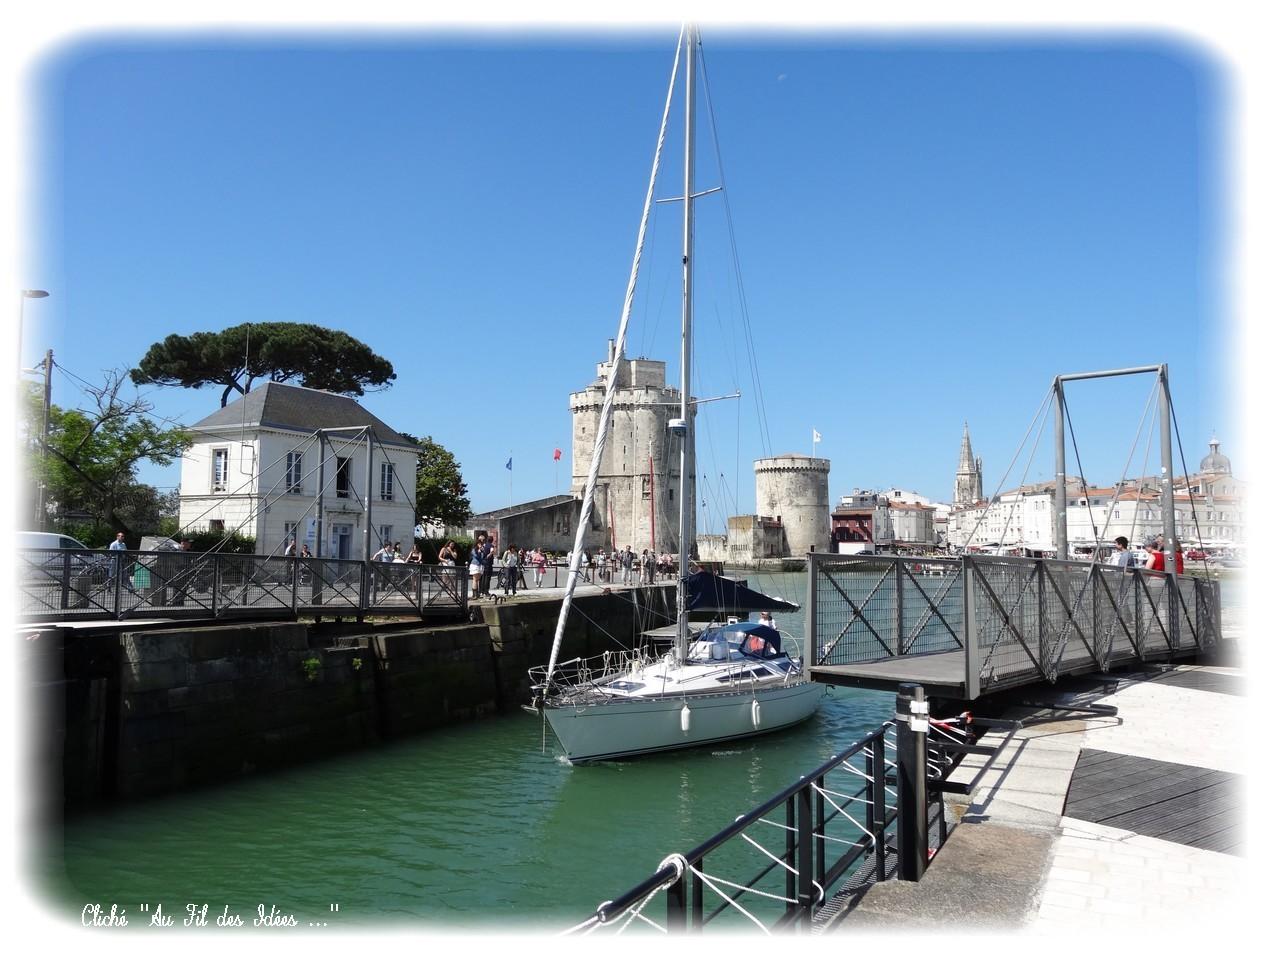 La Rochelle (Charente Maritime) - Cliché by Au Fil des Idées Eté 2013La Rochelle (Charente Maritime) - Cliché by Au Fil des Idées Eté 2013